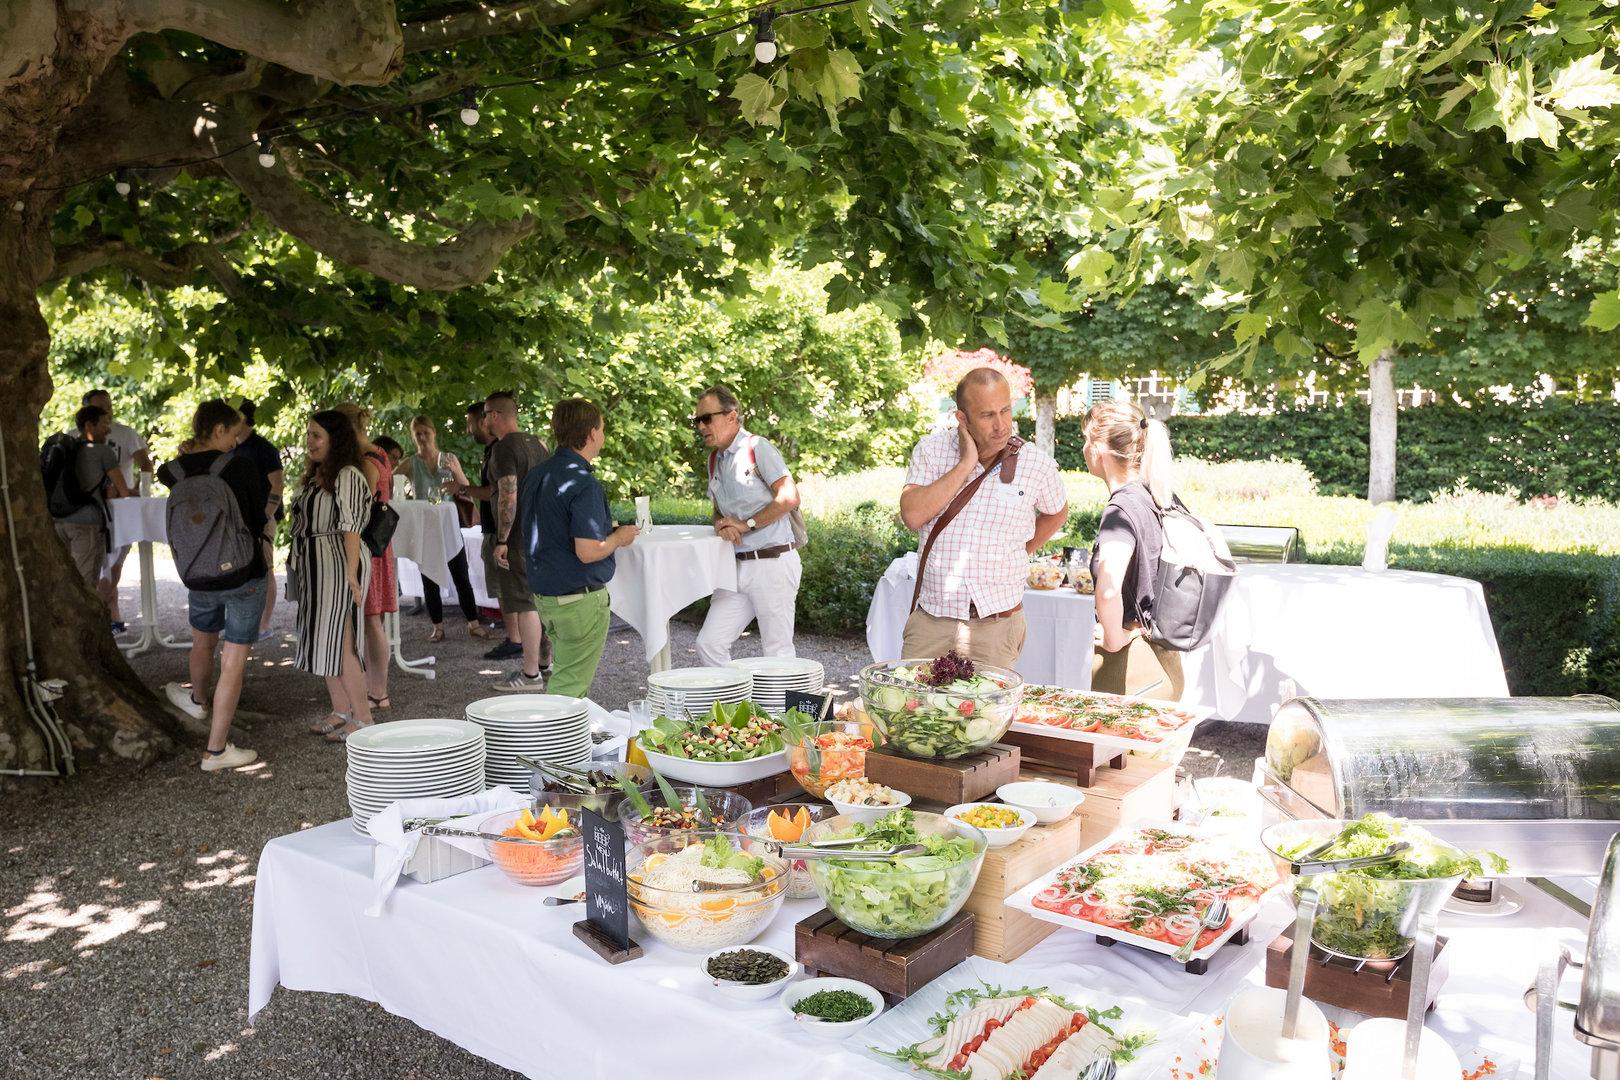 Das reichhaltige Buffet vom Palais Besenval, auch Vegetarier*innen und Veganer*innen kamen voll auf ihre Kosten.